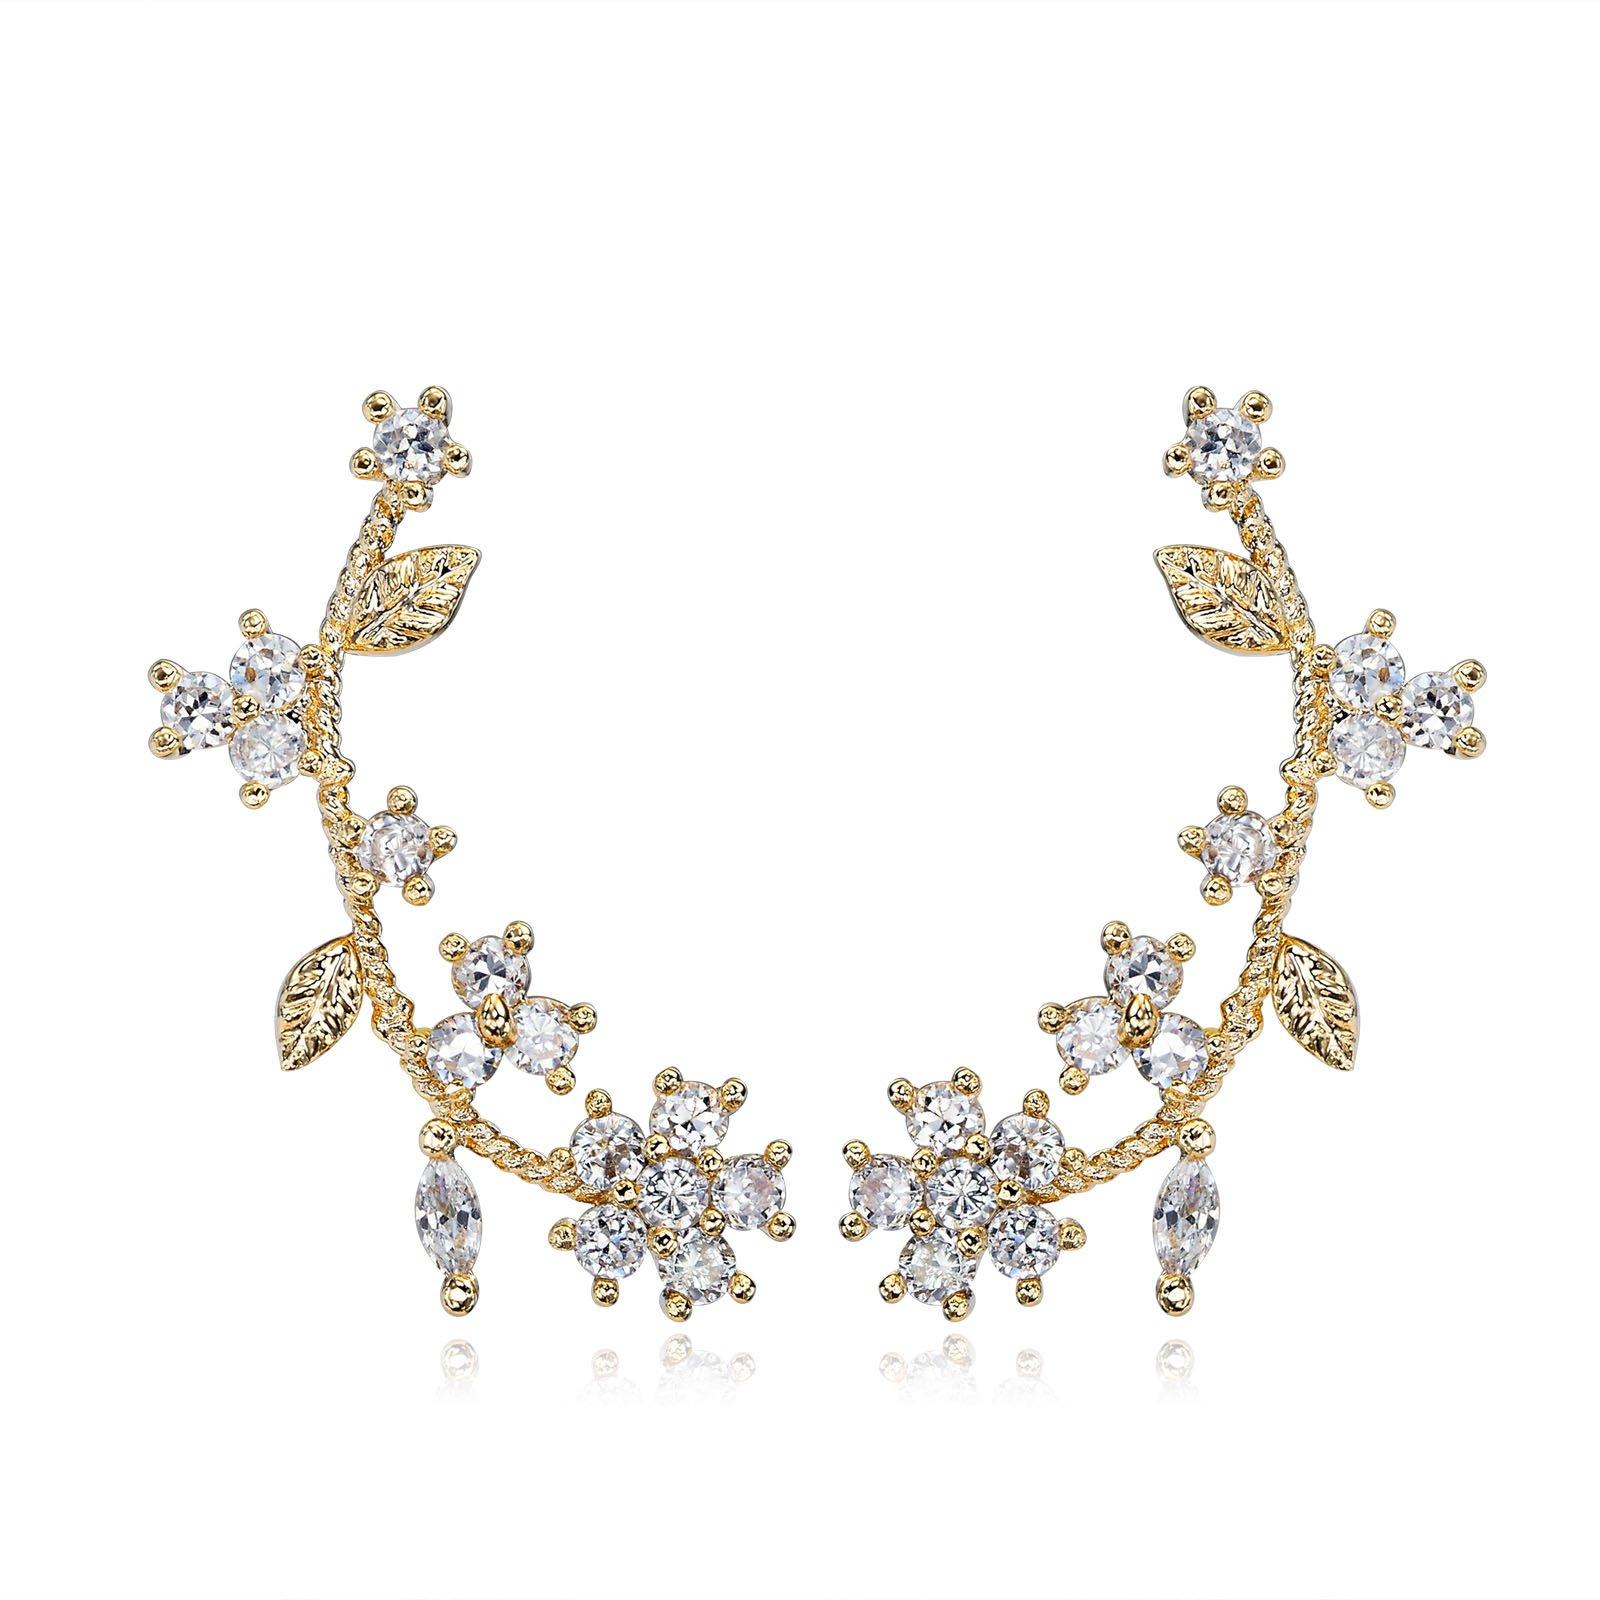 Flower Ear Cuff Earring with S925 Sterling Silver Post for Women - Cubic Zirconia Ear Climber Wrap Earrings Gold Tone